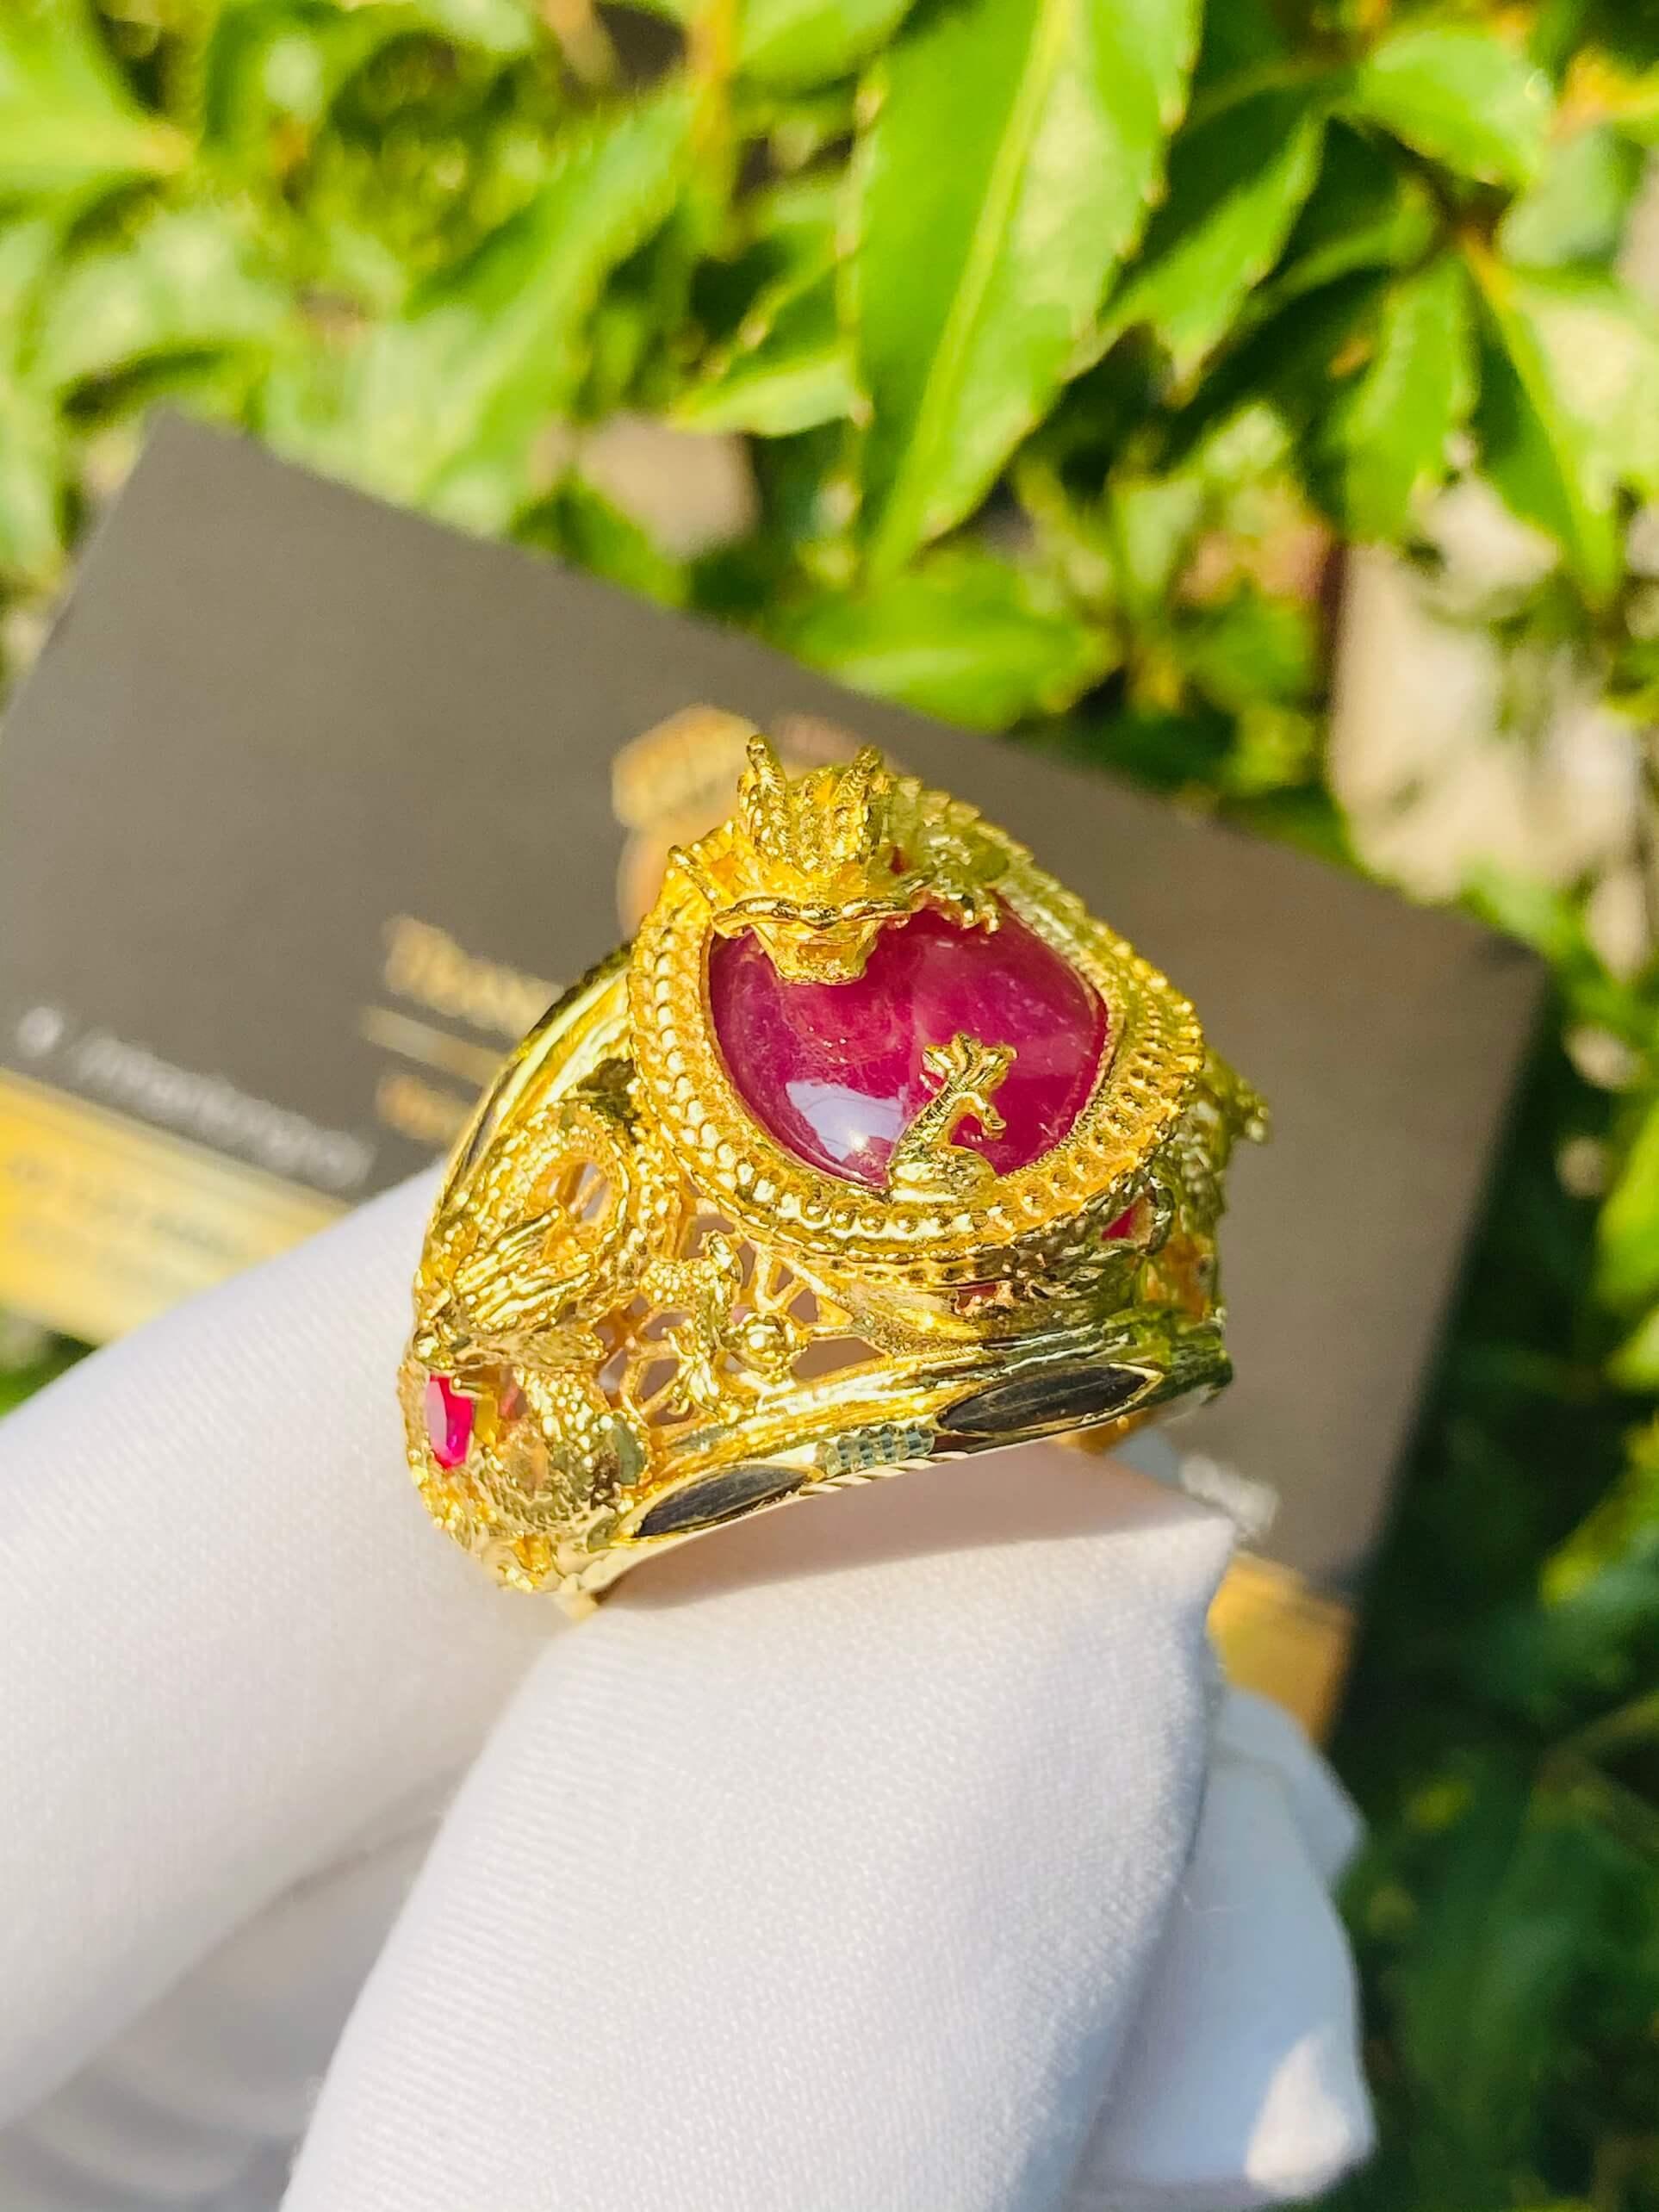 Nhẫn Rồng cuộn vàng ngậm ngọc Ruby lông voi phong thủy đẹp chất